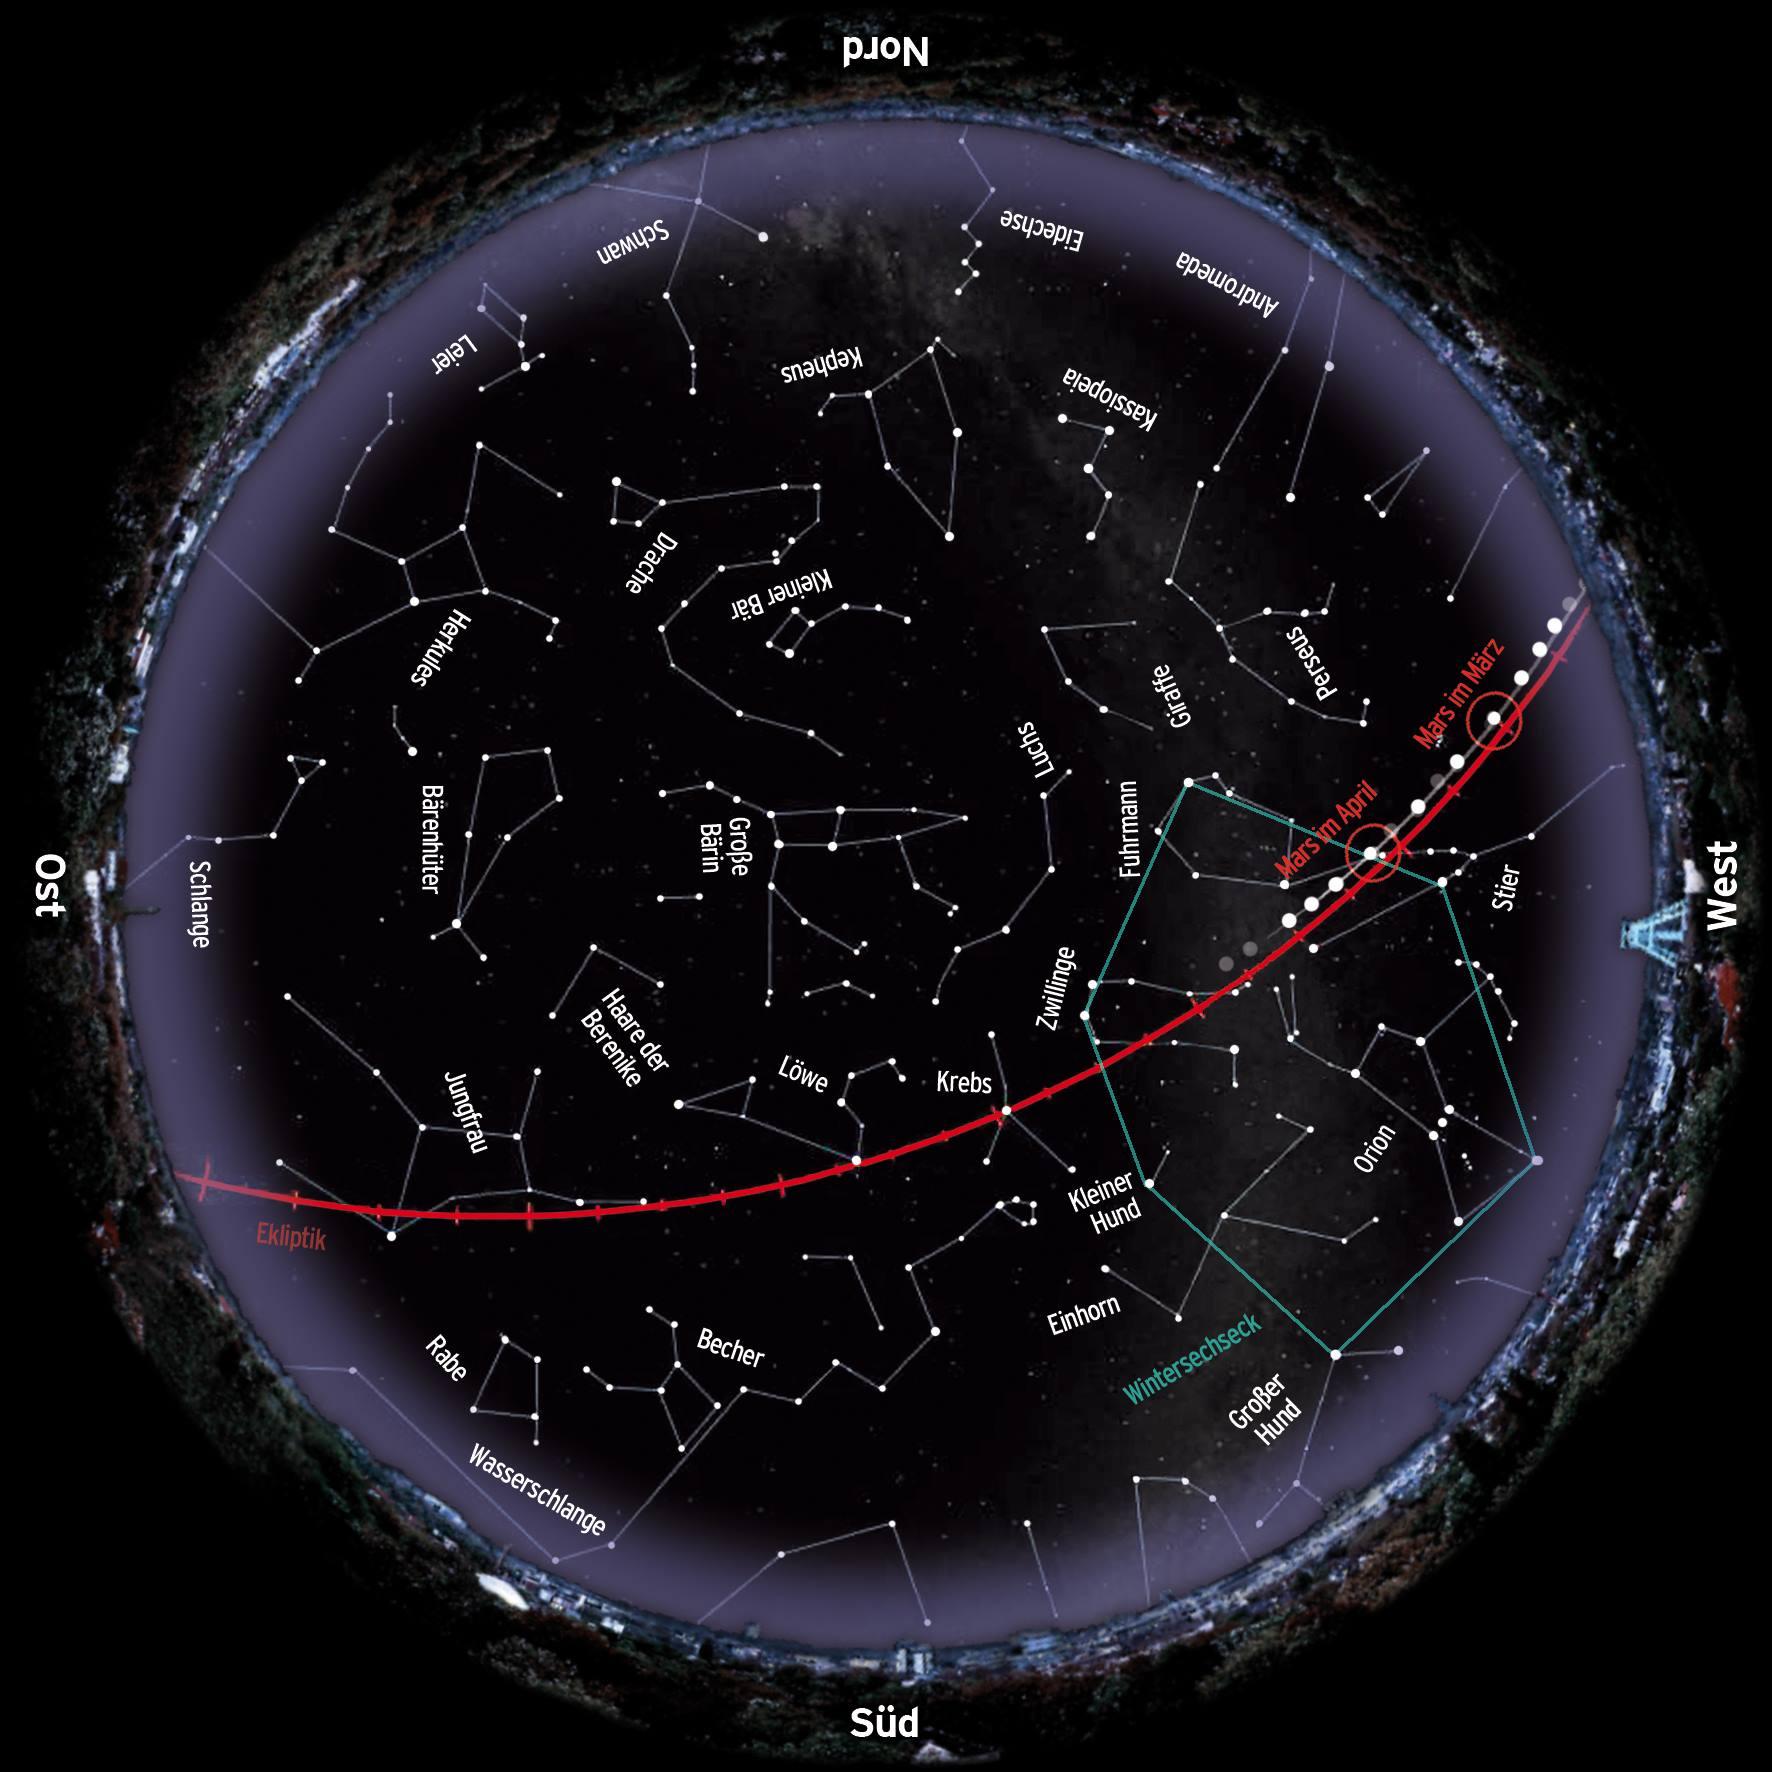 Der Aktuelle Sternenhimmel Planetarium Bochum Wir Zeigen Das Größte